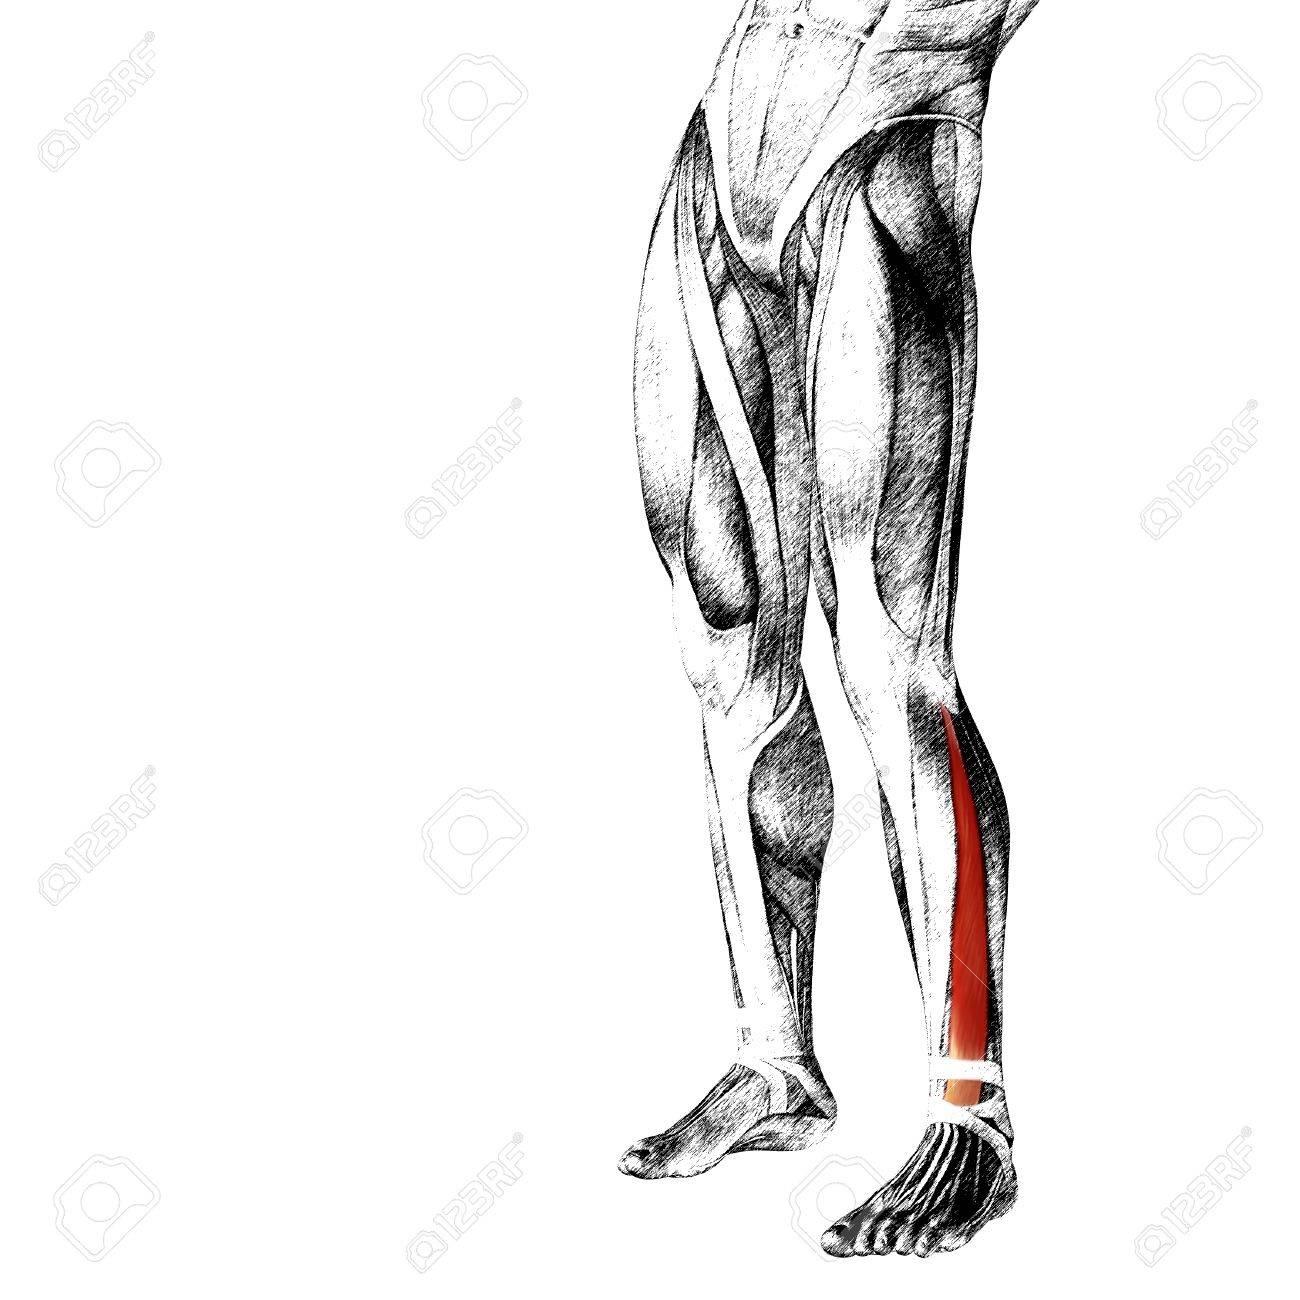 Fantastisch Vordere Schultermuskulatur Bilder - Menschliche Anatomie ...